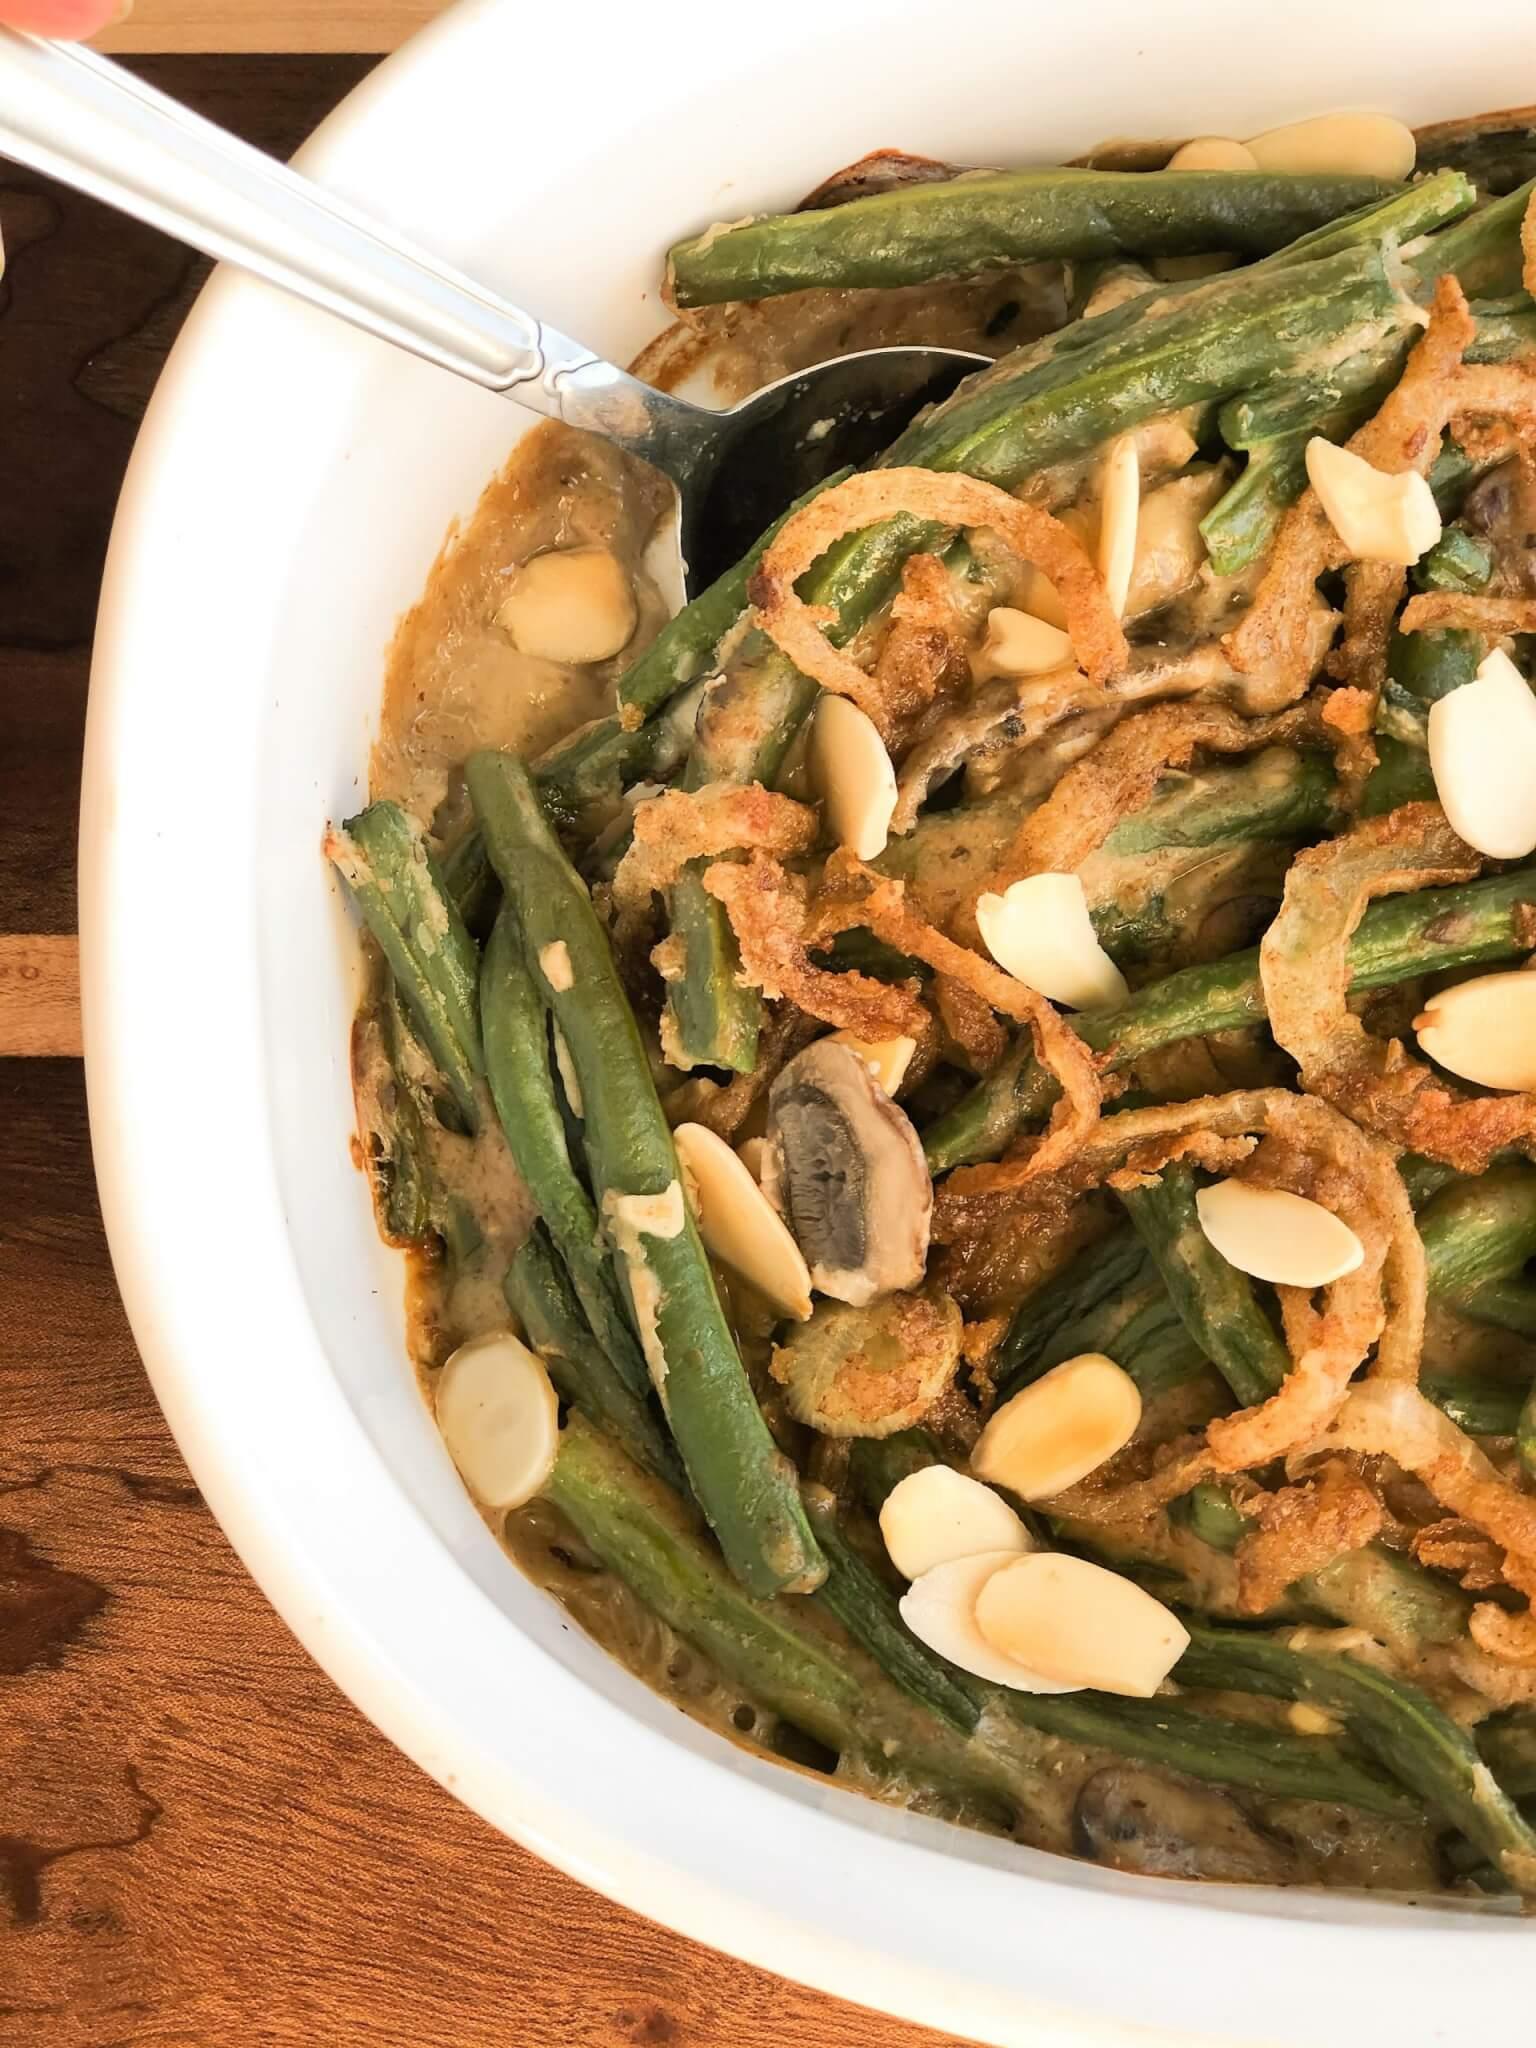 Healthier Green Bean Casserole - No Refined Ingredients